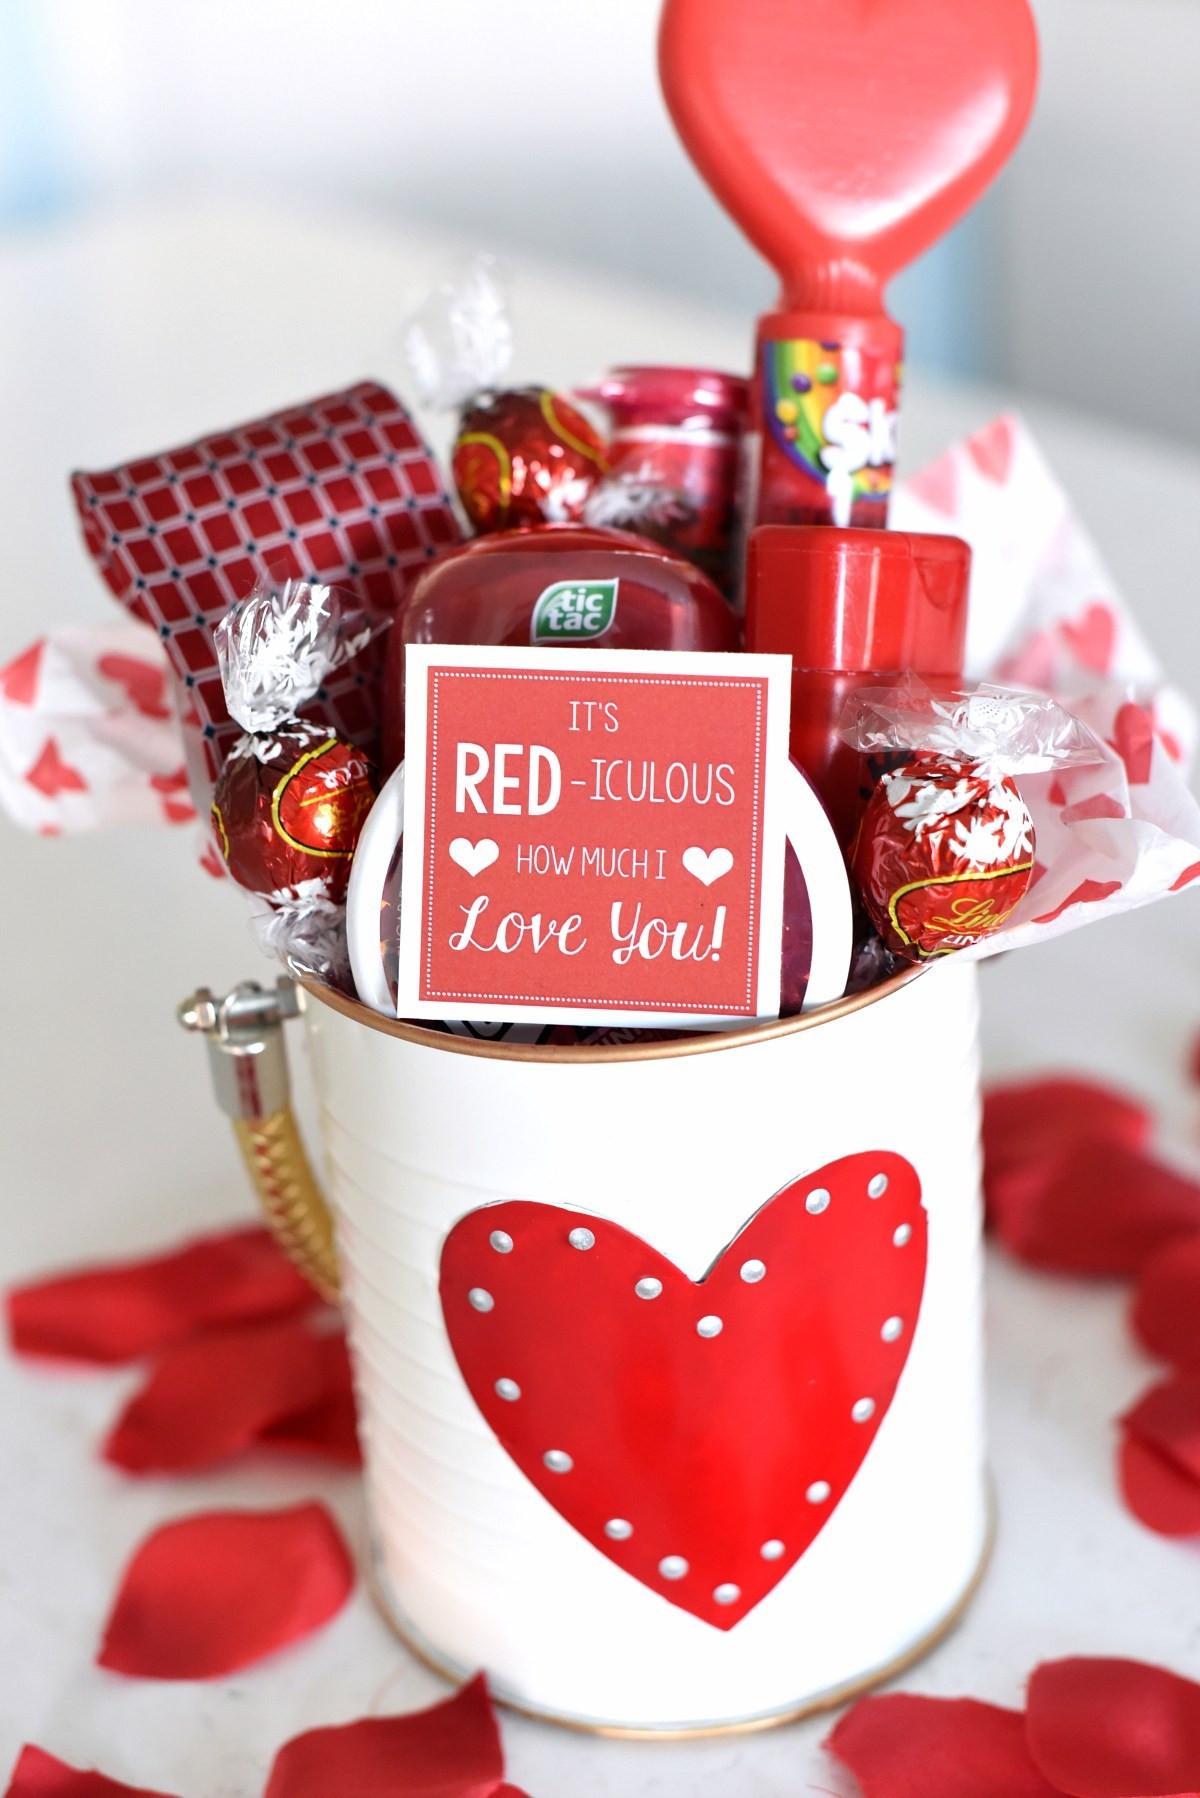 Valentine Day Gift Box Ideas  25 DIY Valentine s Day Gift Ideas Teens Will Love